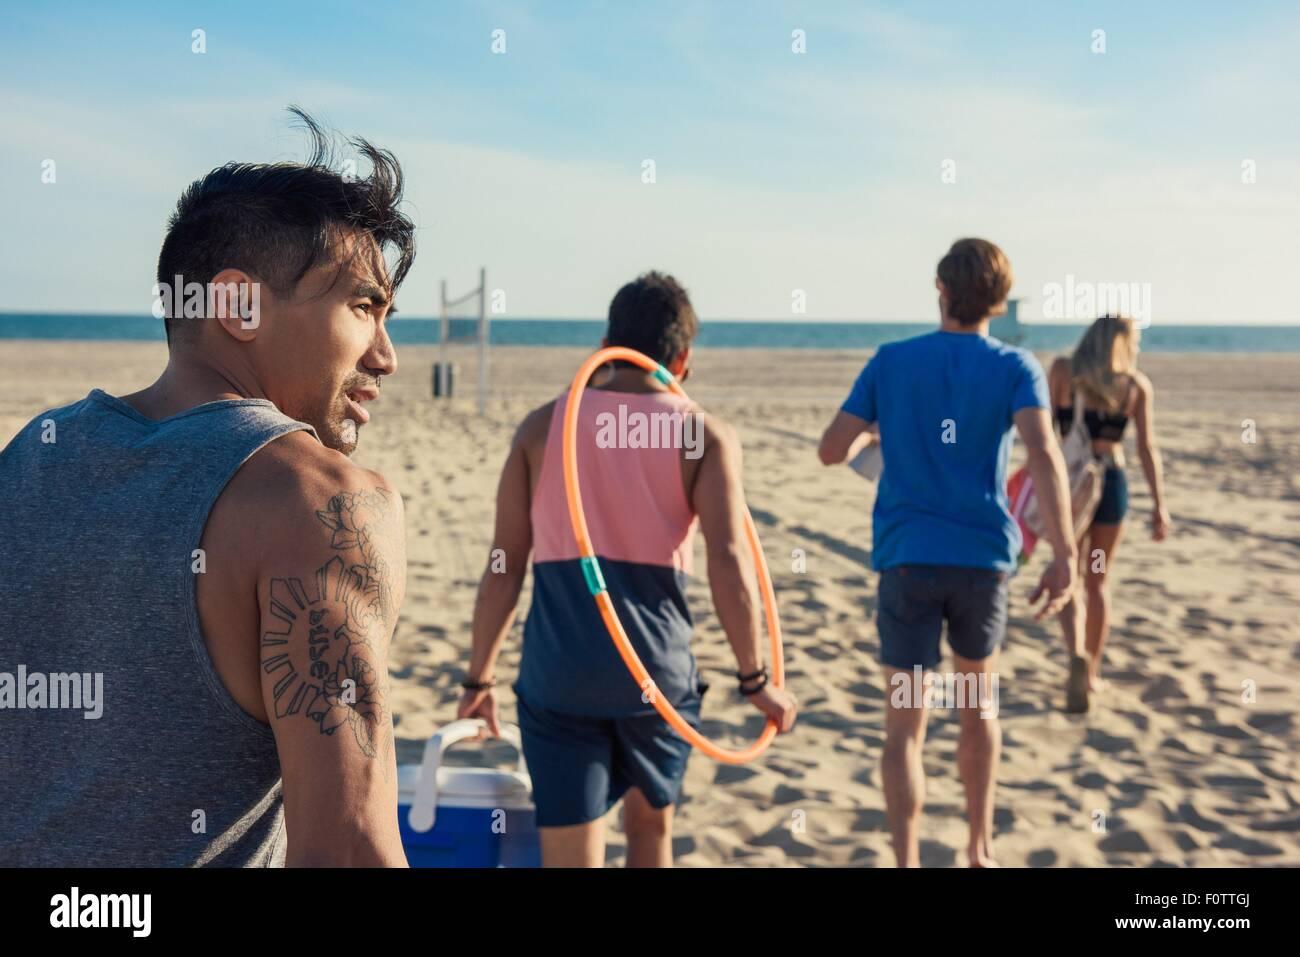 Gruppe von Freunden zu Fuß am Strand, Rückansicht Stockbild